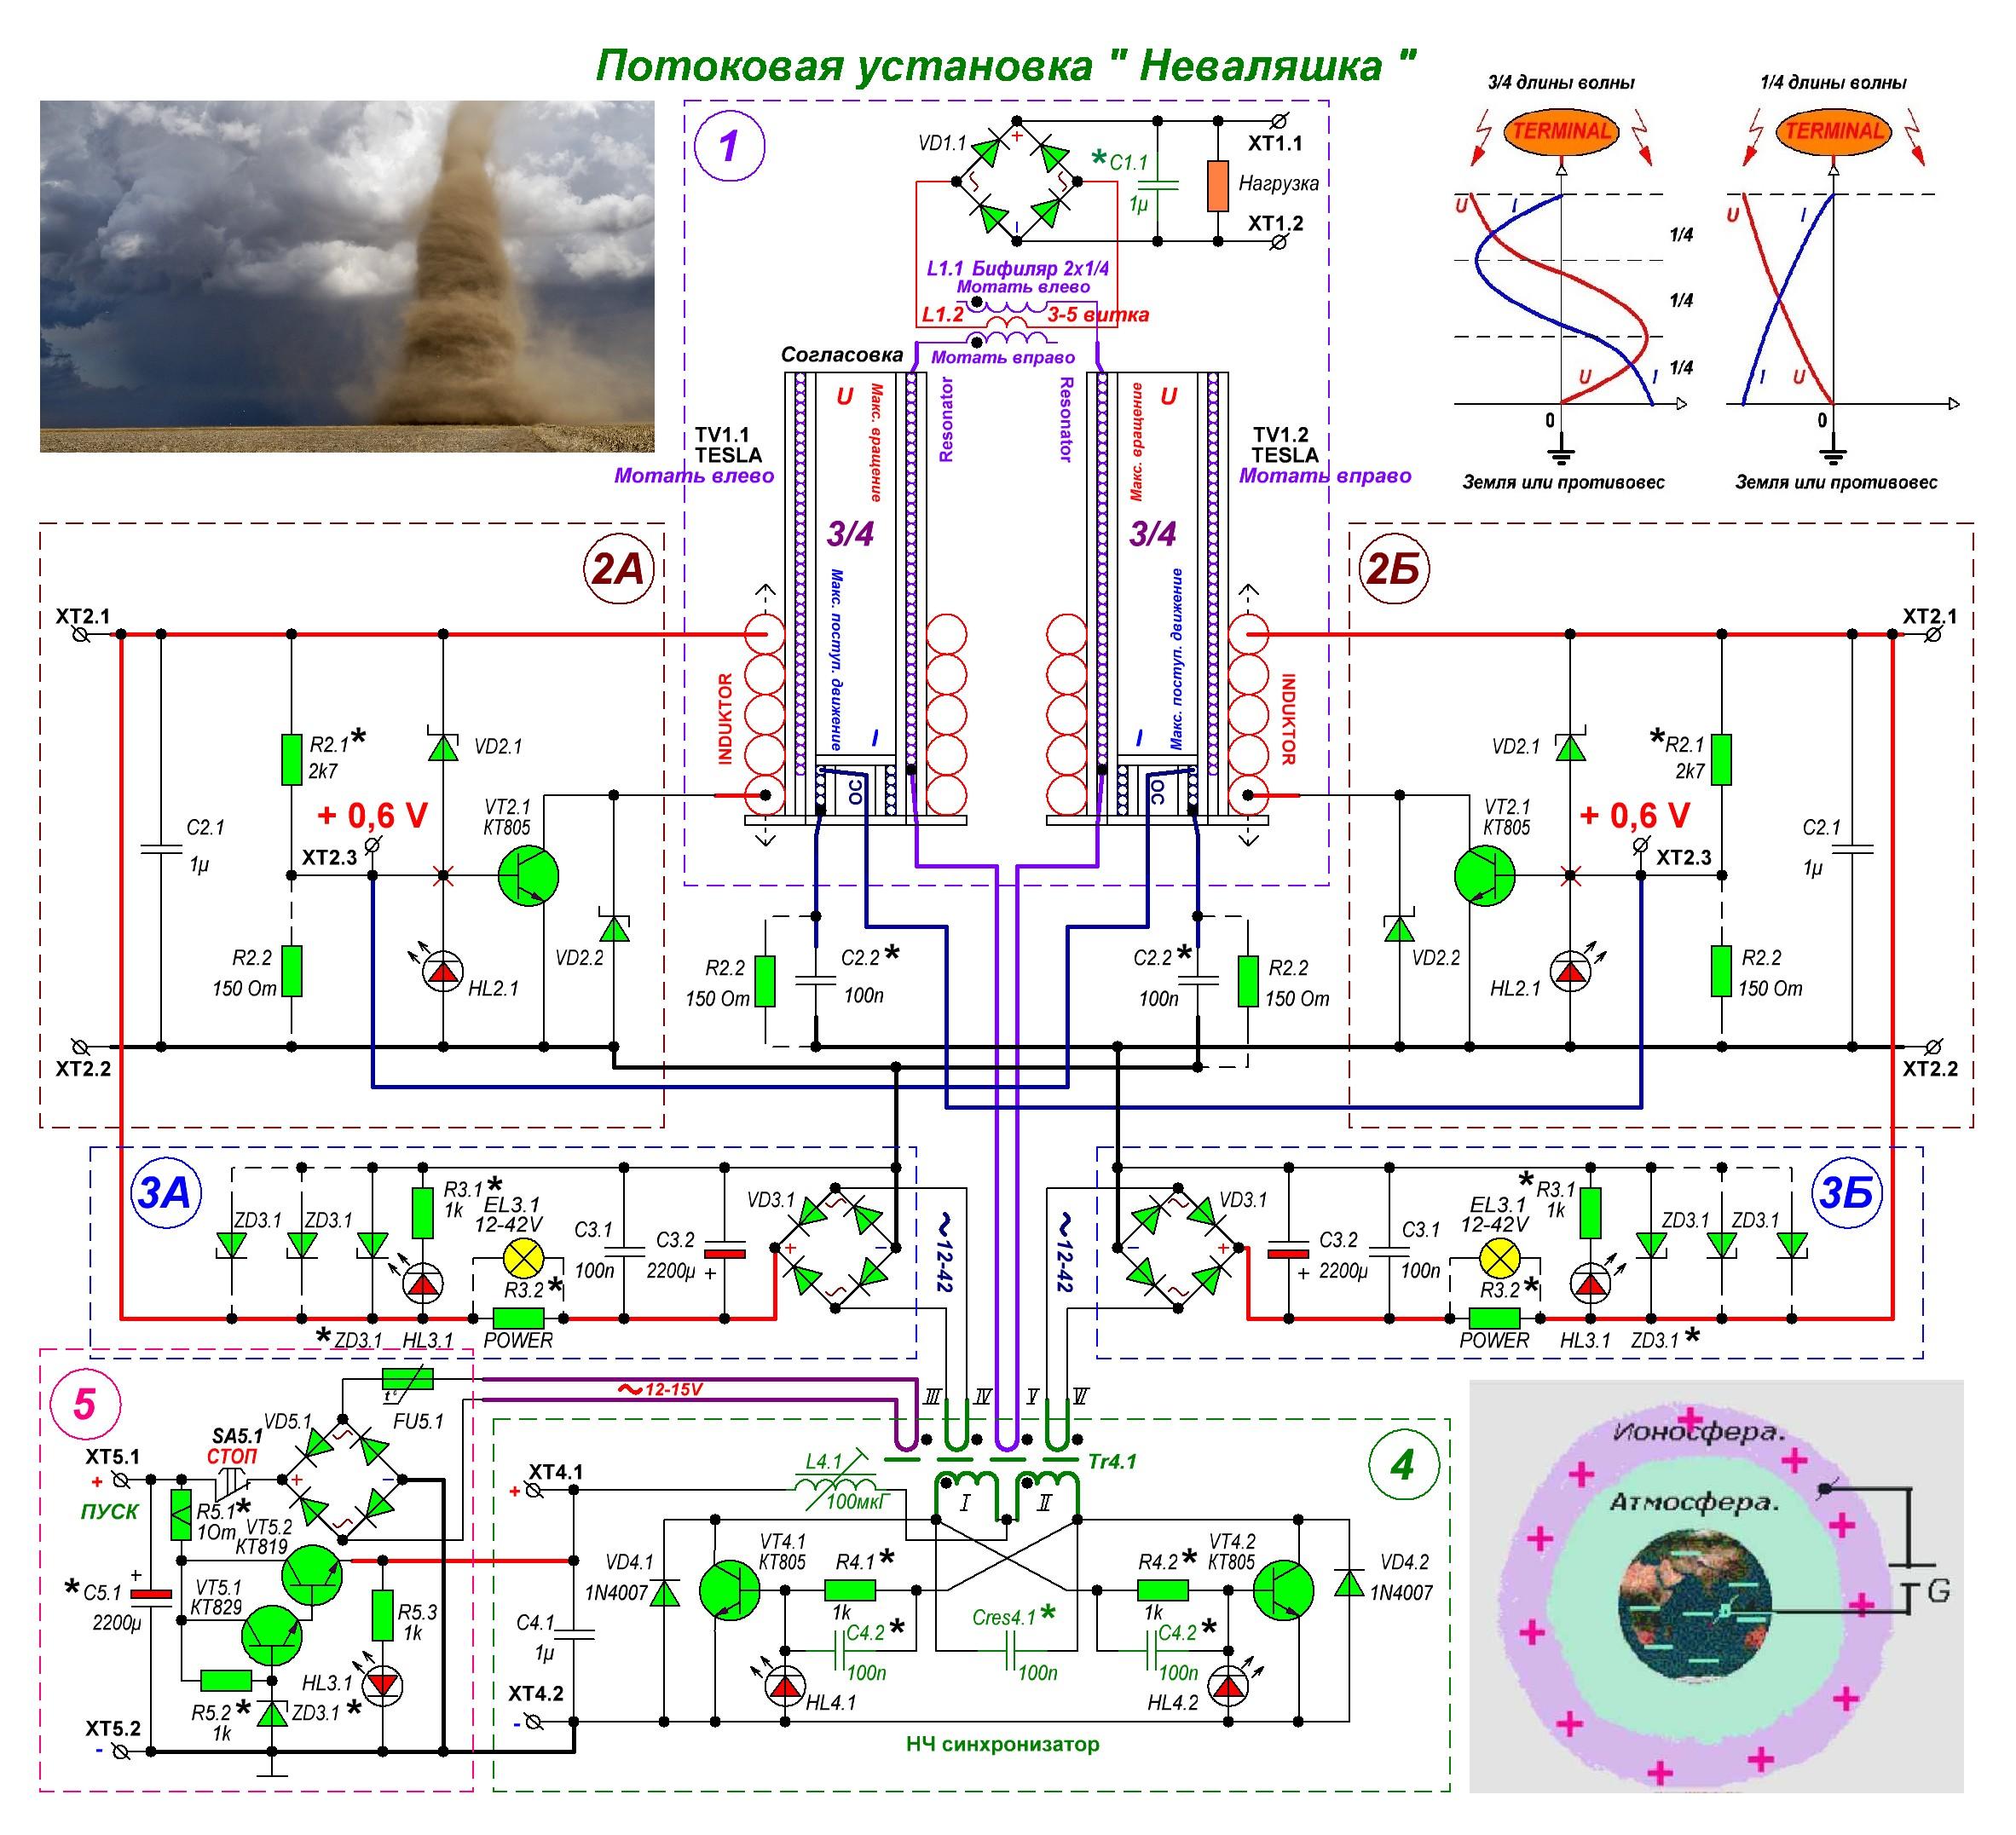 Генератор энергии своими руками схема и описание